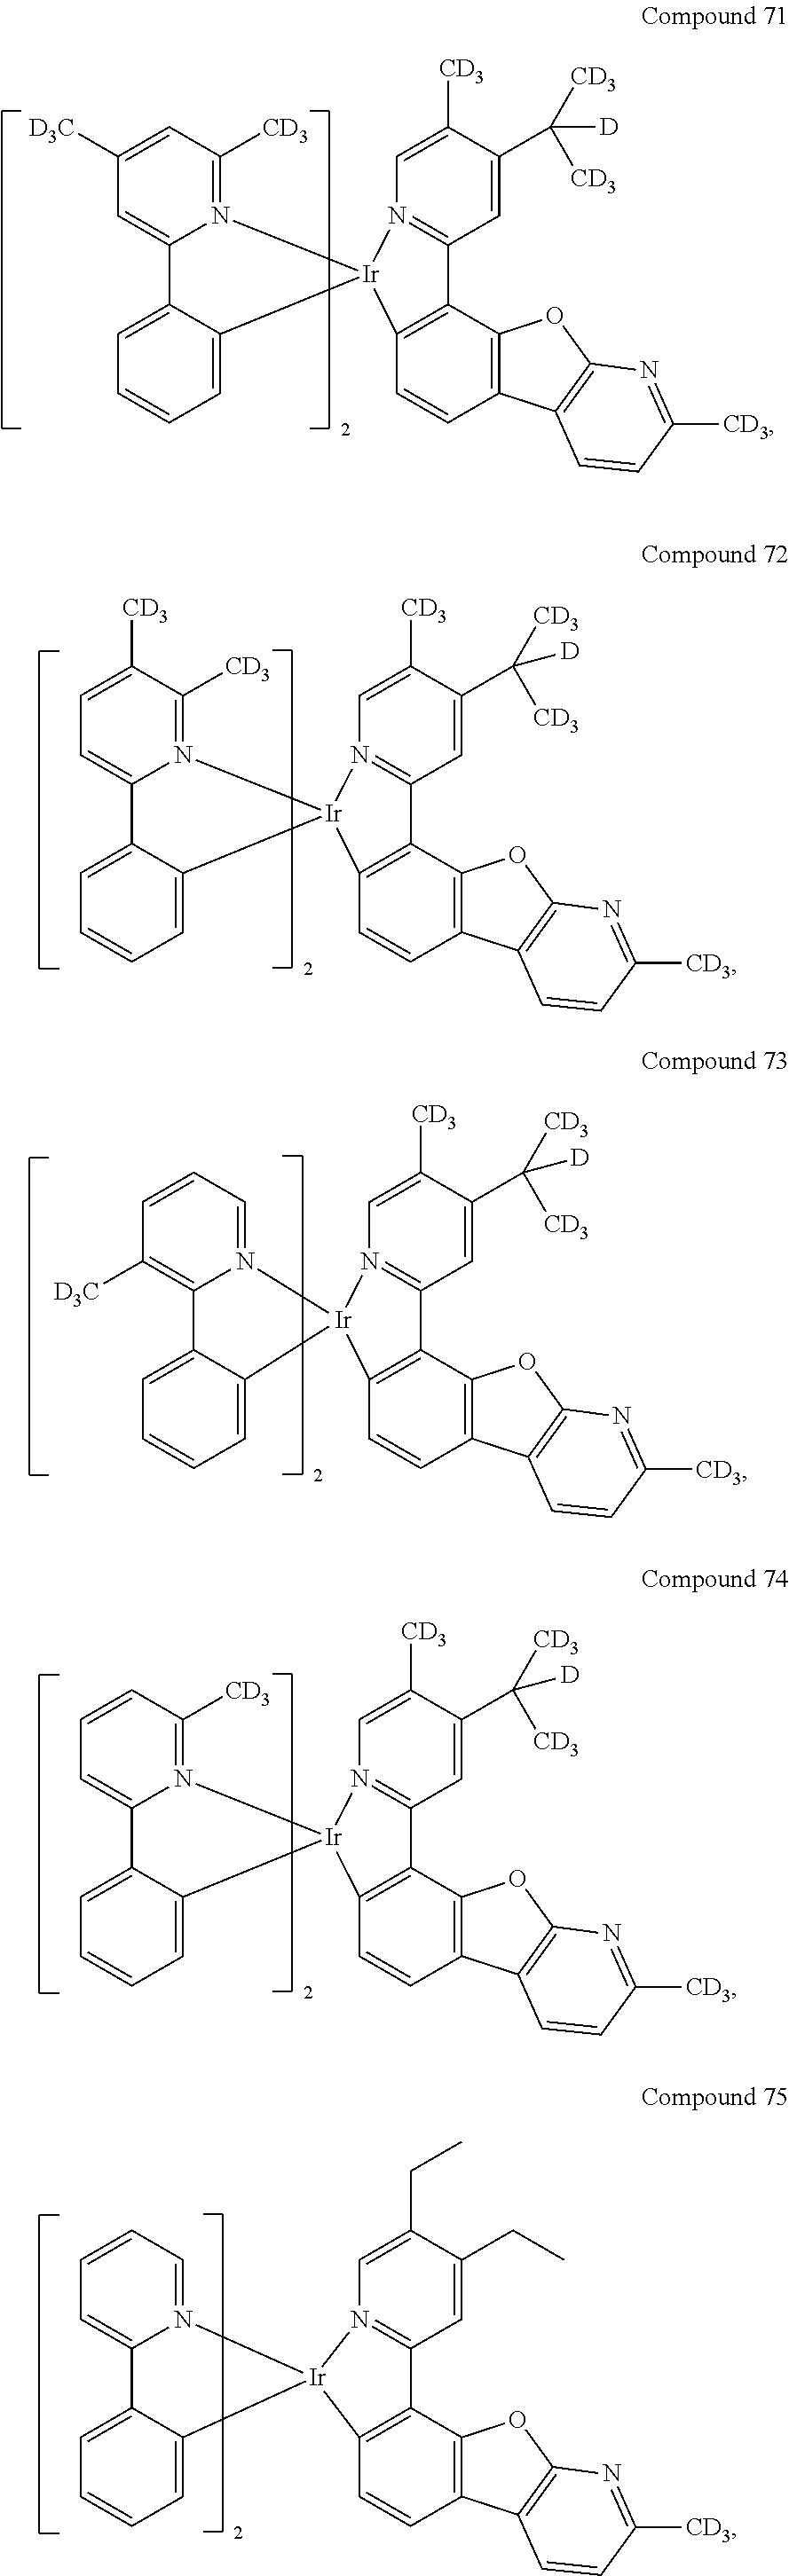 Figure US20160049599A1-20160218-C00548